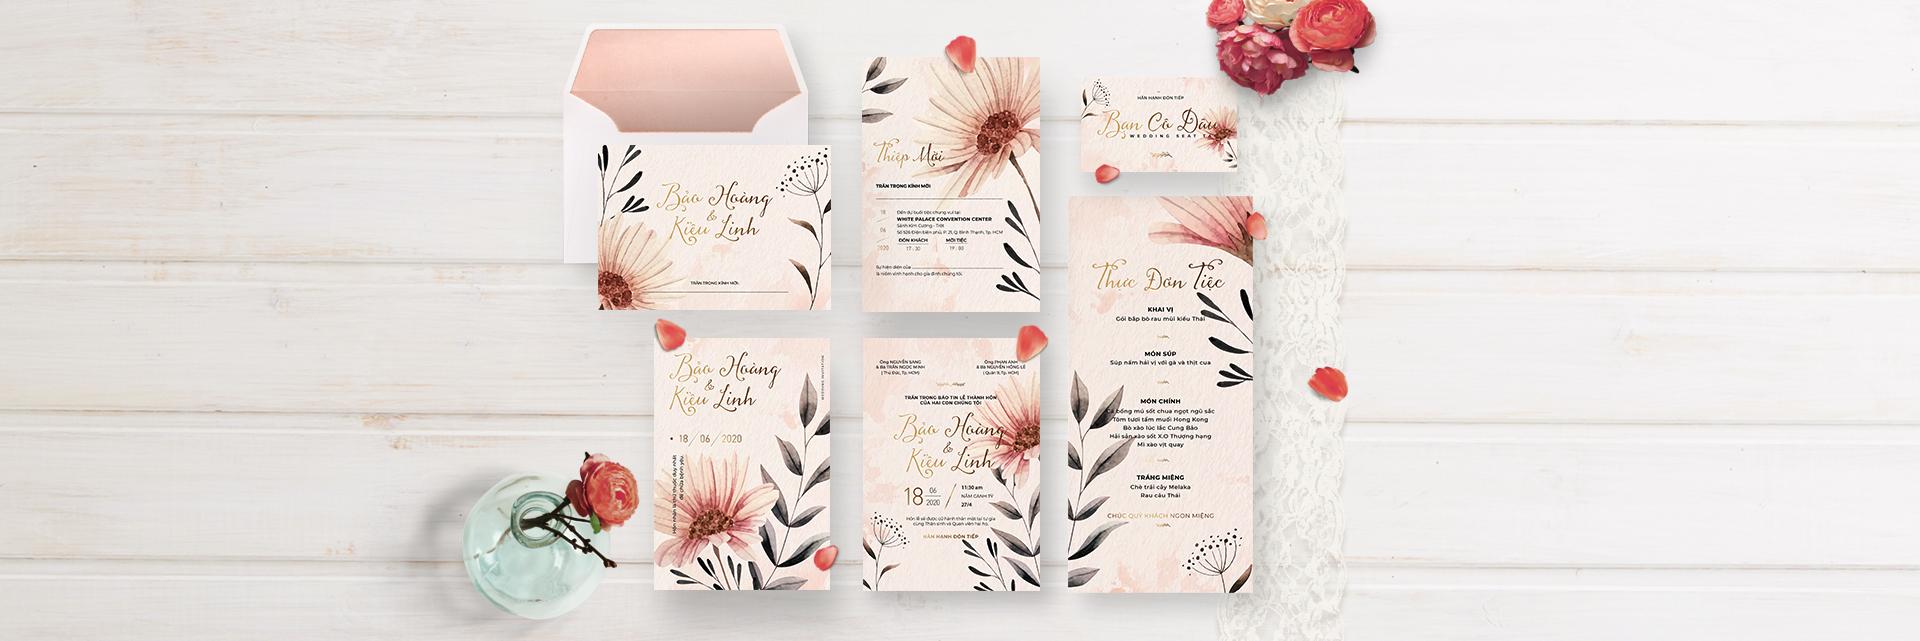 wedding-2-banner-1